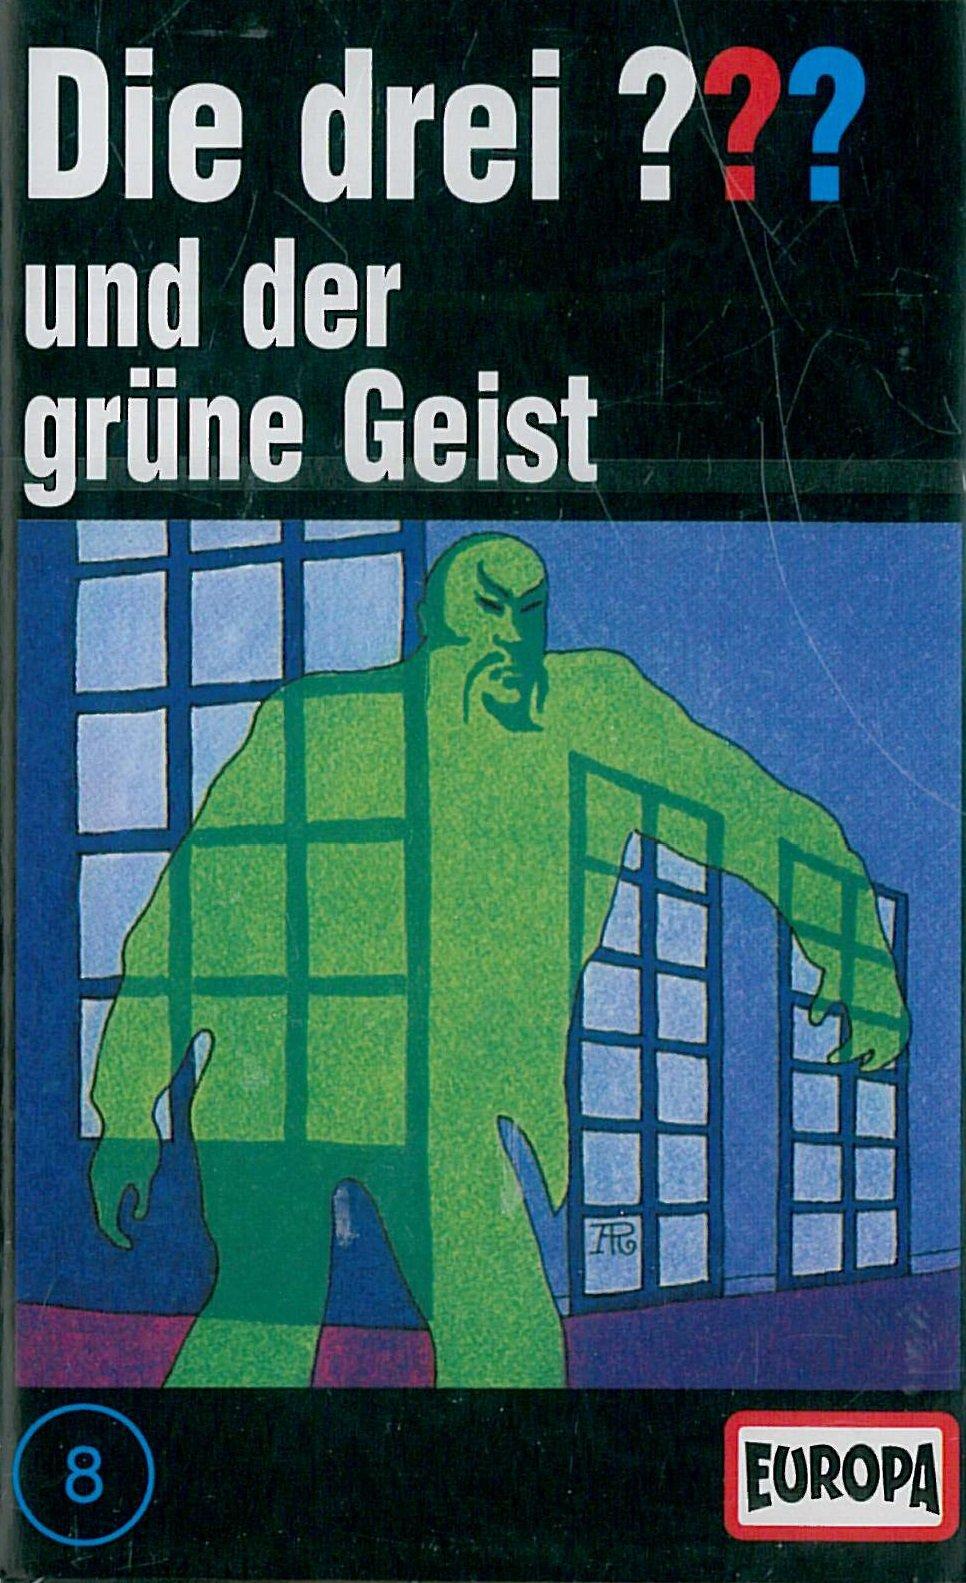 Die drei ??? - MC/Die drei ??? - und der grüne Geist Hörkassette – Audiobook, 31. Oktober 1979 Alfred Hitchcock BMG Ariola Miller 386536439X Detektiv